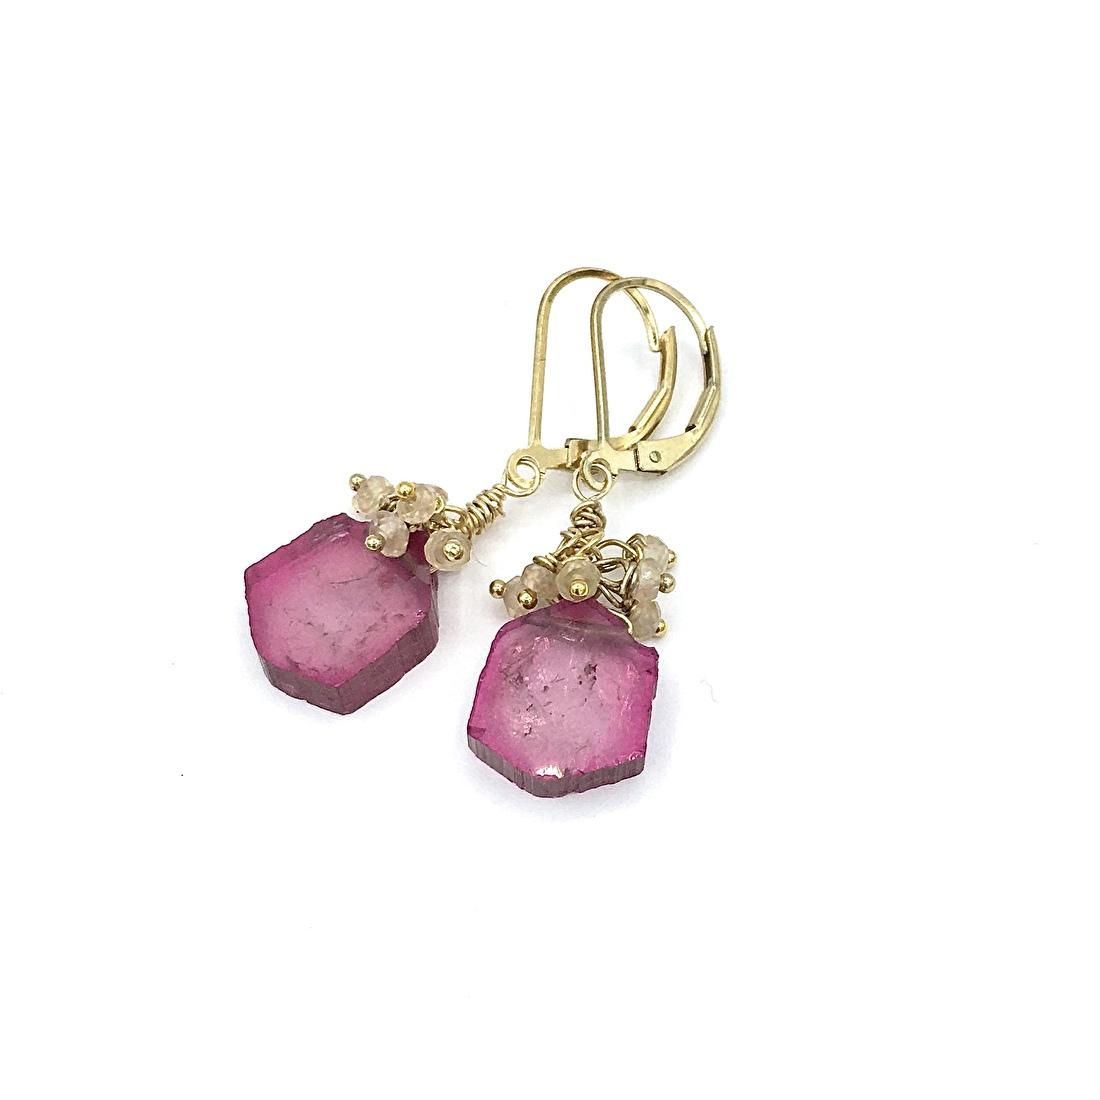 Handmade jewellery,Long earrings,Handmade earrings,Gemstone earrings,watermelon tourmaline earrings,dangle gemstone earrings,Tourmaline,watermelon tourmaline jewellery,tourmaline earrings,Pink tourmaline earrings yellow gold,Handmade gemstone earrings,Tourmaline slice earrings,pink earrings,dangle earrings,chandelier earrings